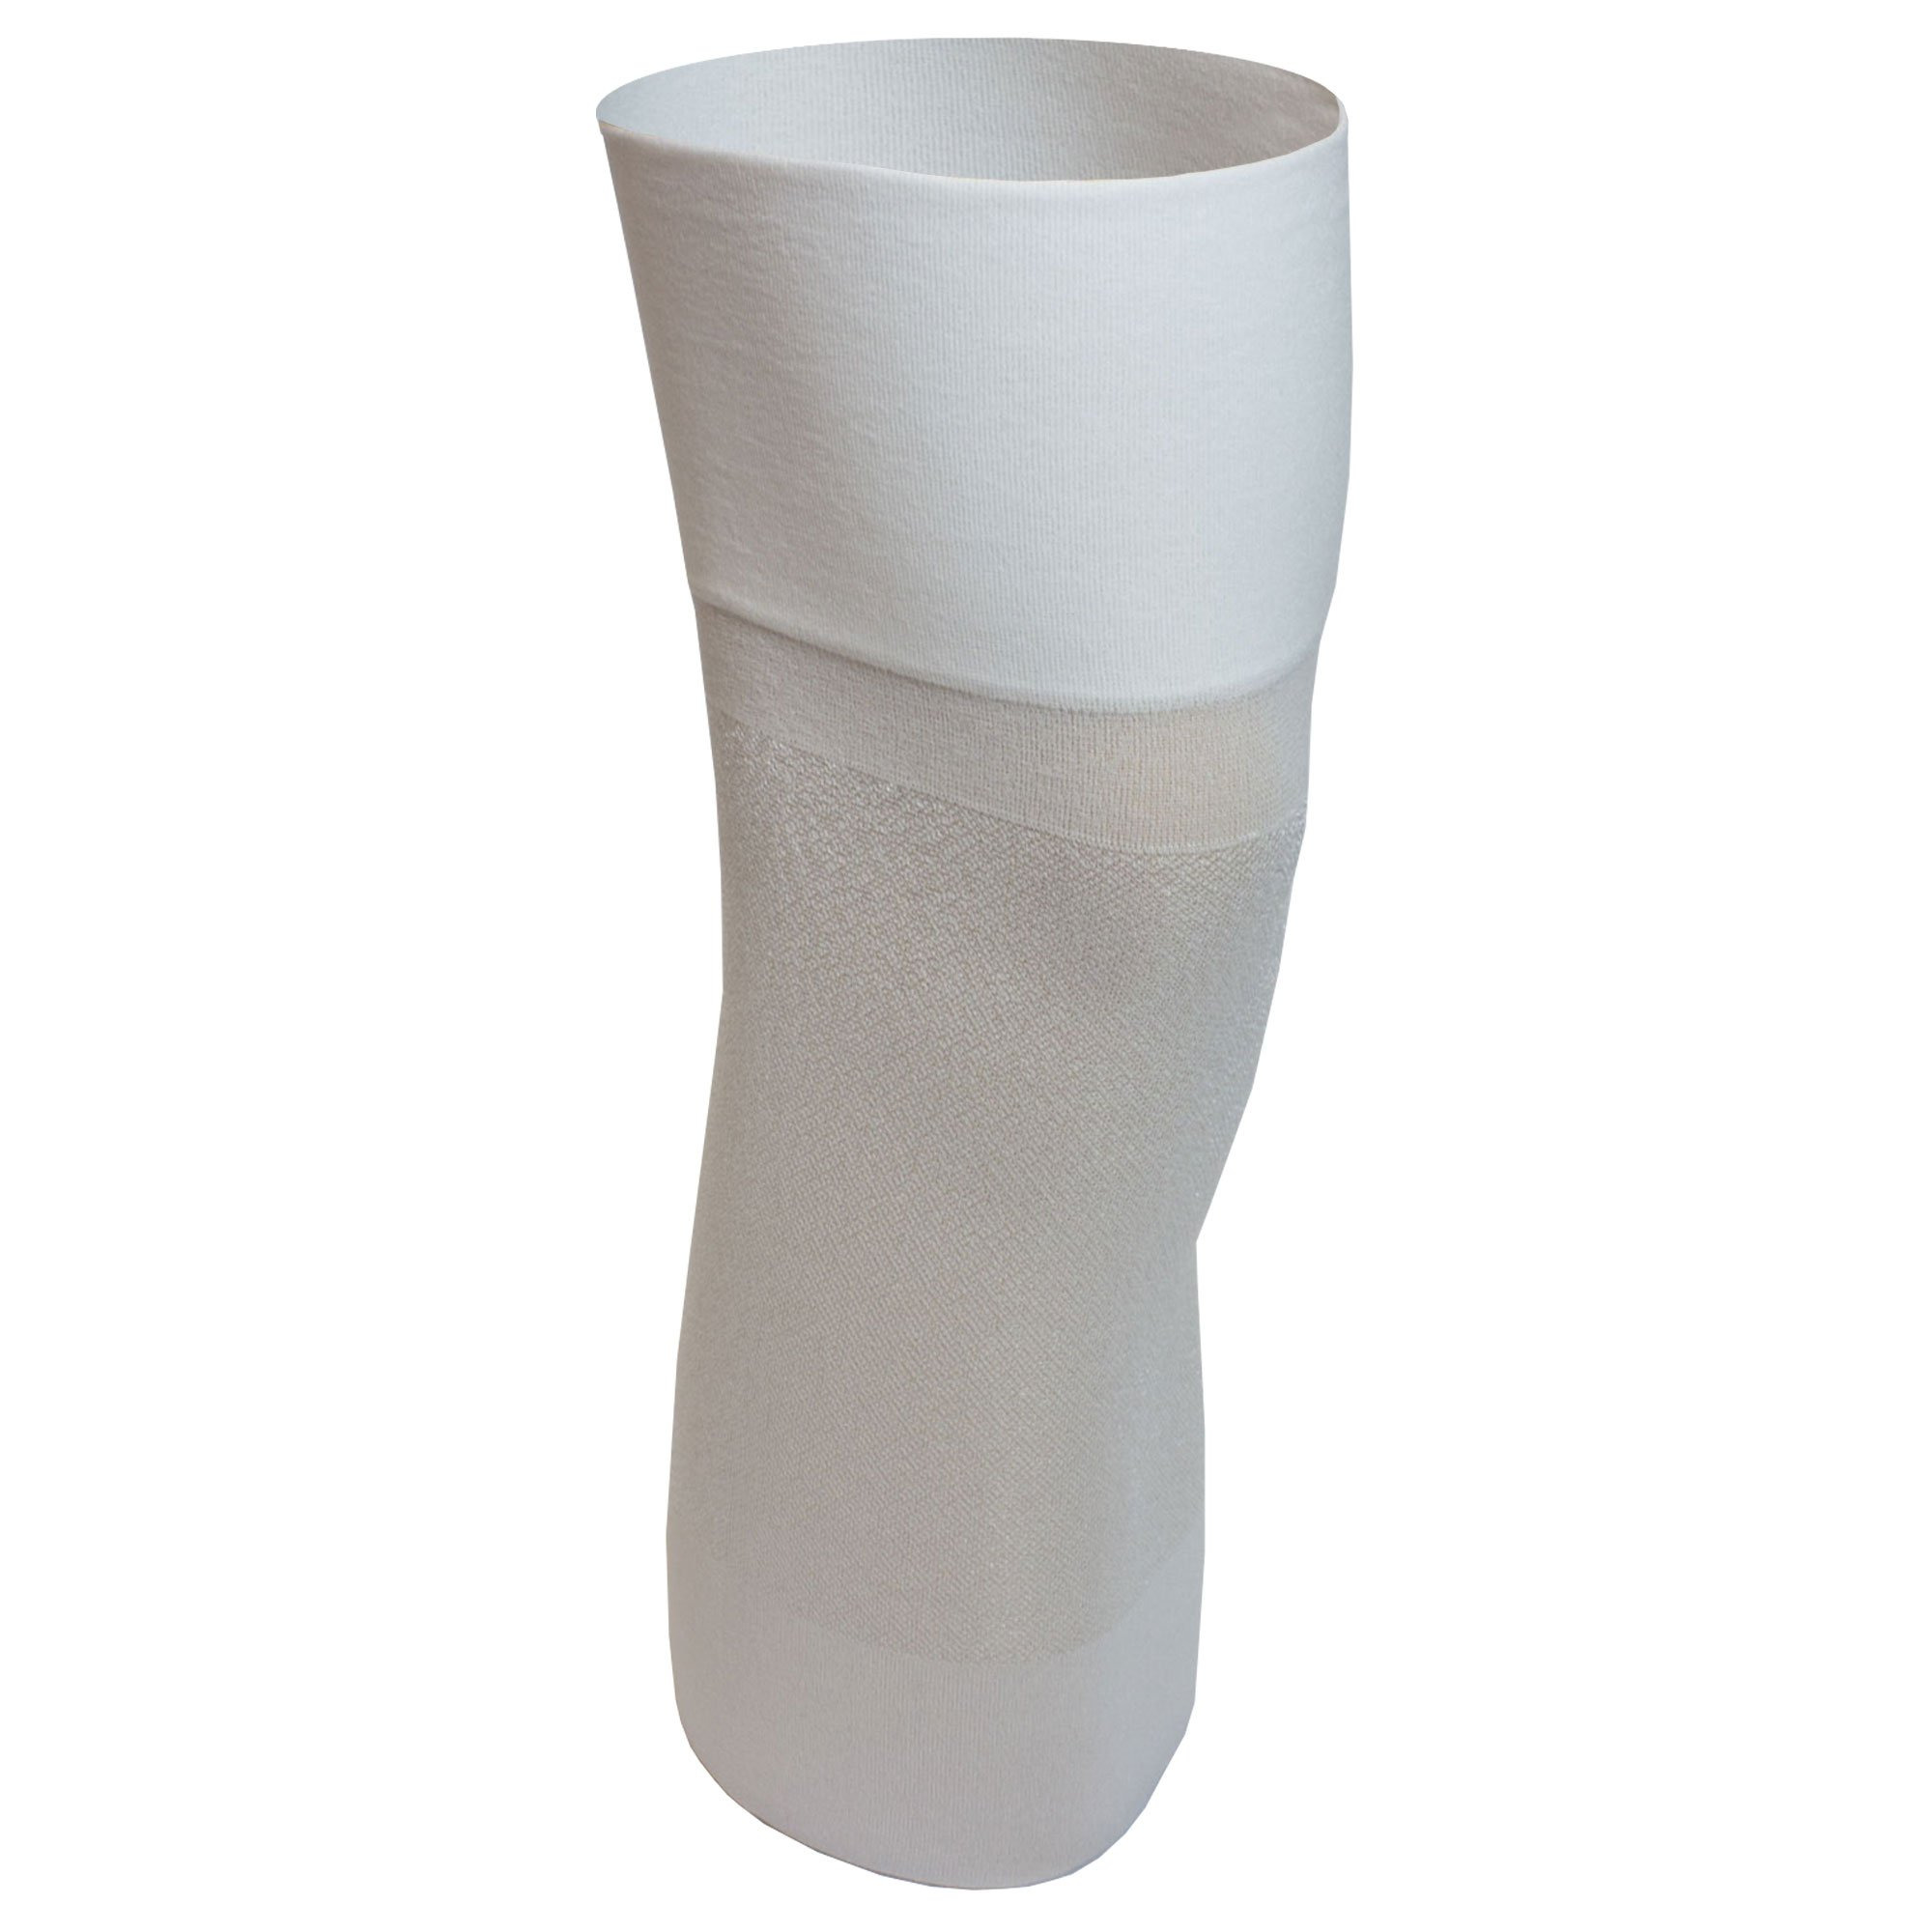 Nylon Prosthetic Sheath Stump Sock 79000 (Long)